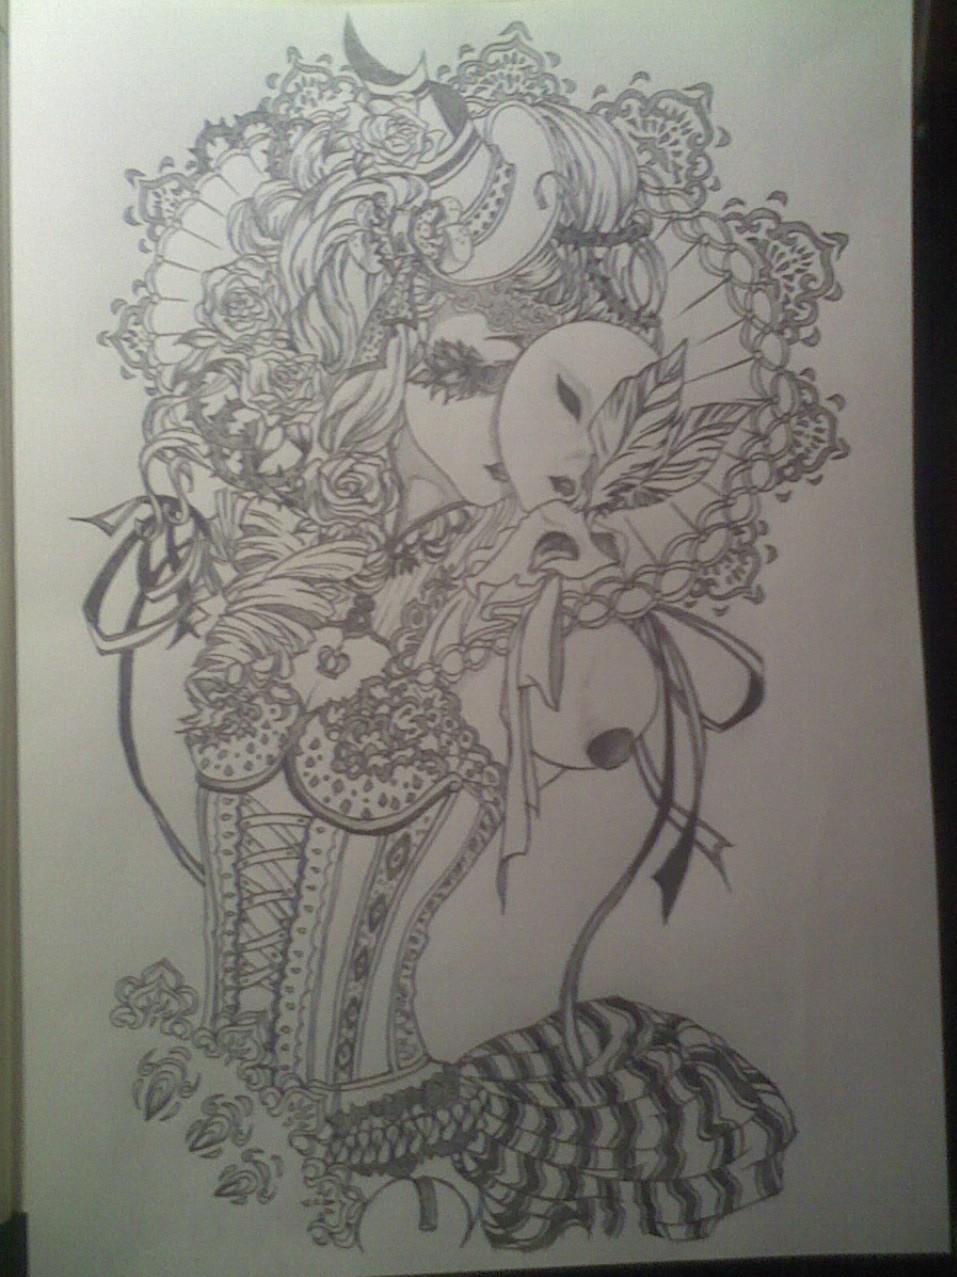 铅笔画得动漫人物,要女生, 不是素描,就是铅笔得稿子